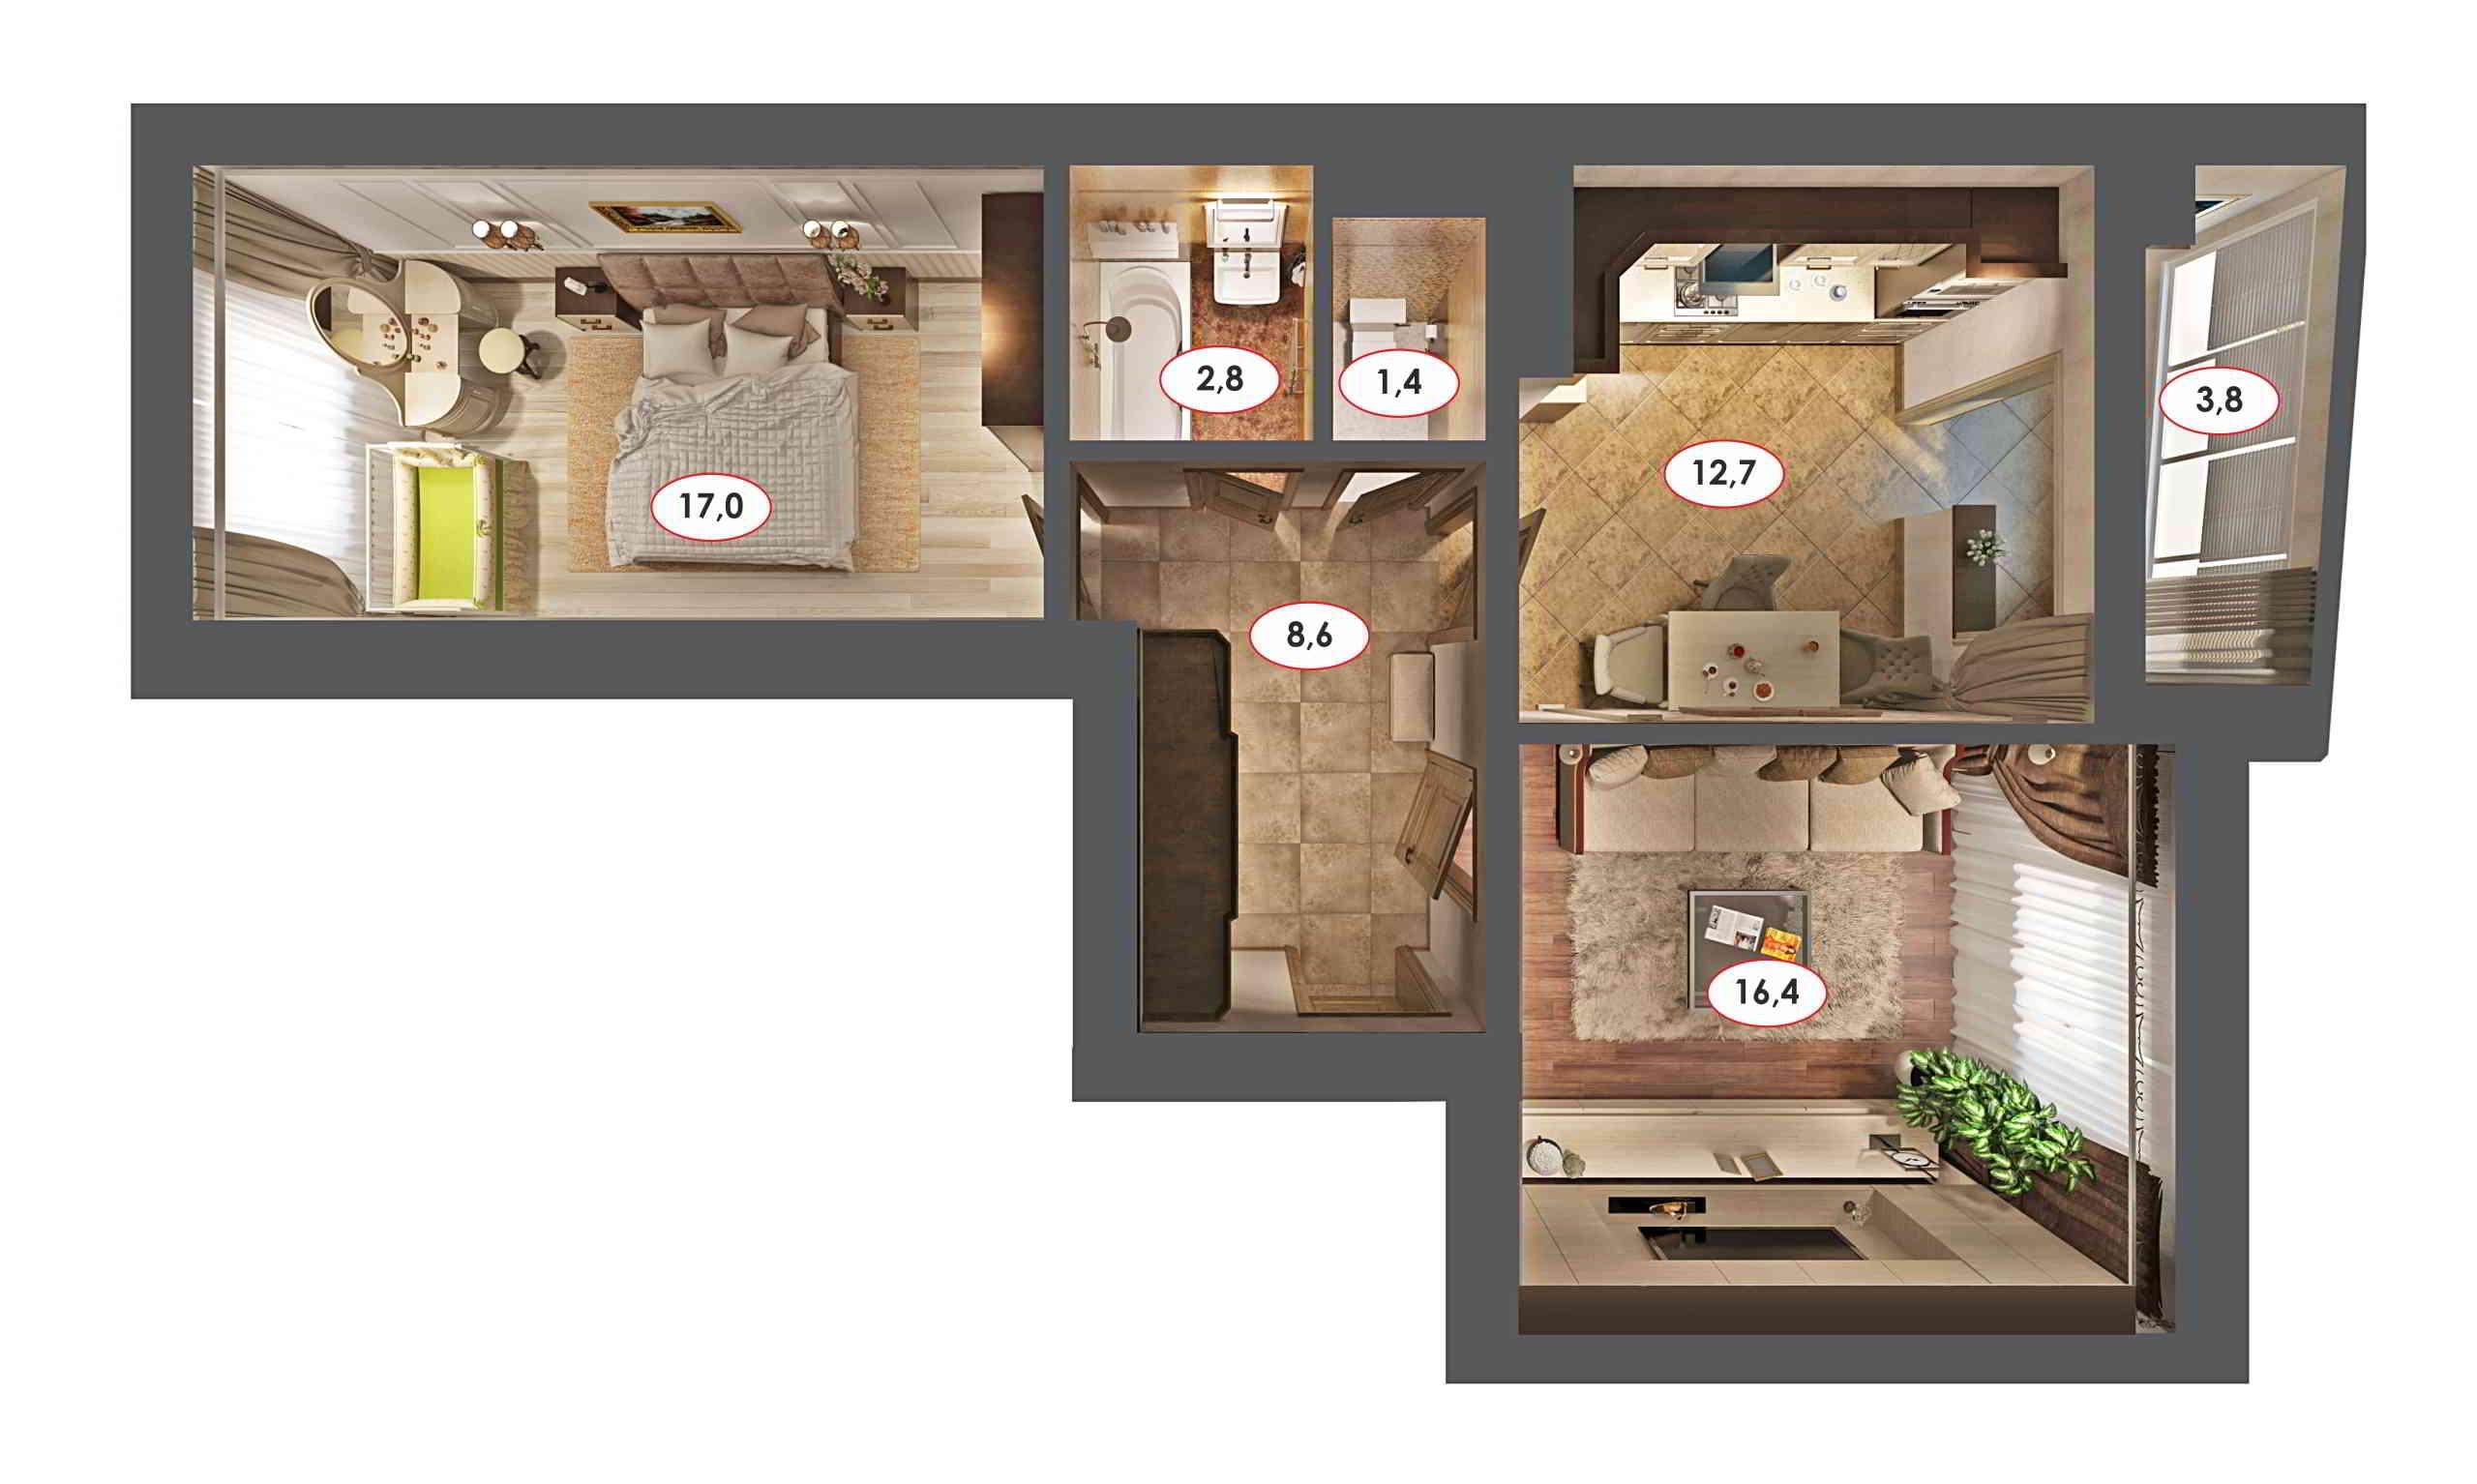 Дизайн интерьера квартиры в Ставрополе визуализация вида сверху